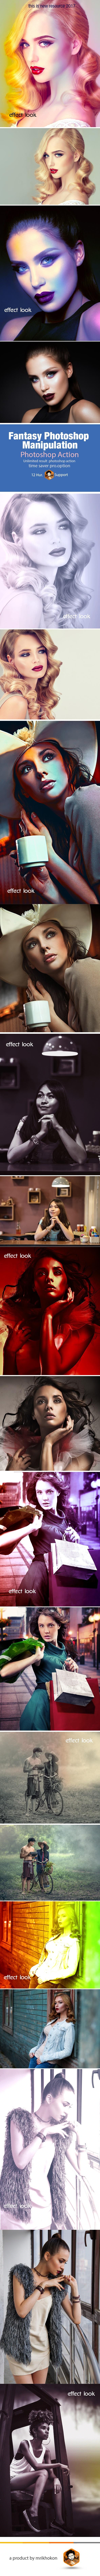 Fantasy Photoshop Manipulation - Actions Photoshop